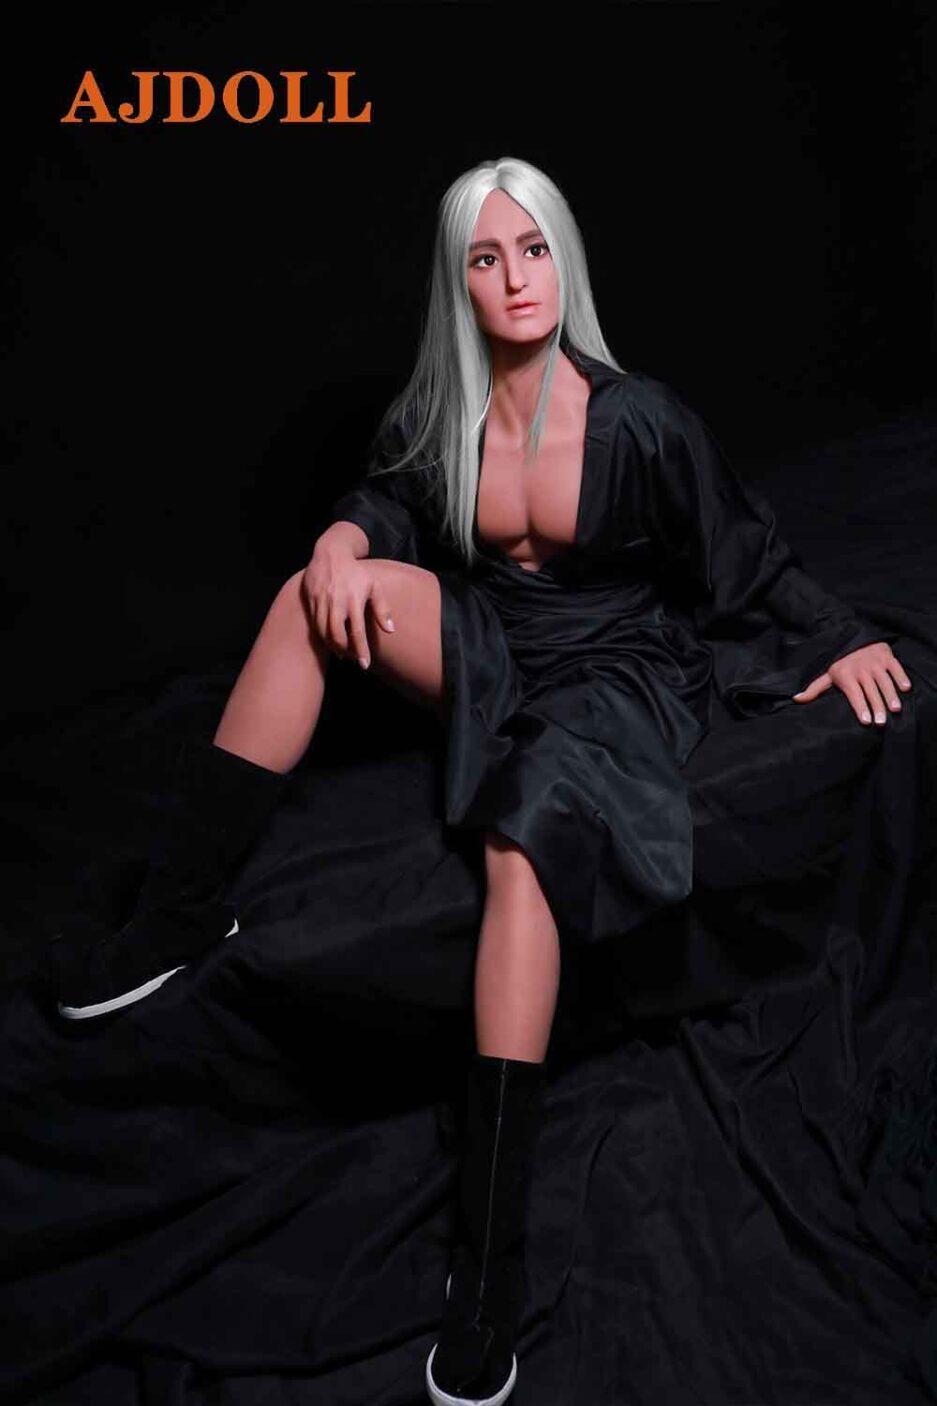 Long Hair Male Sex Doll for Women